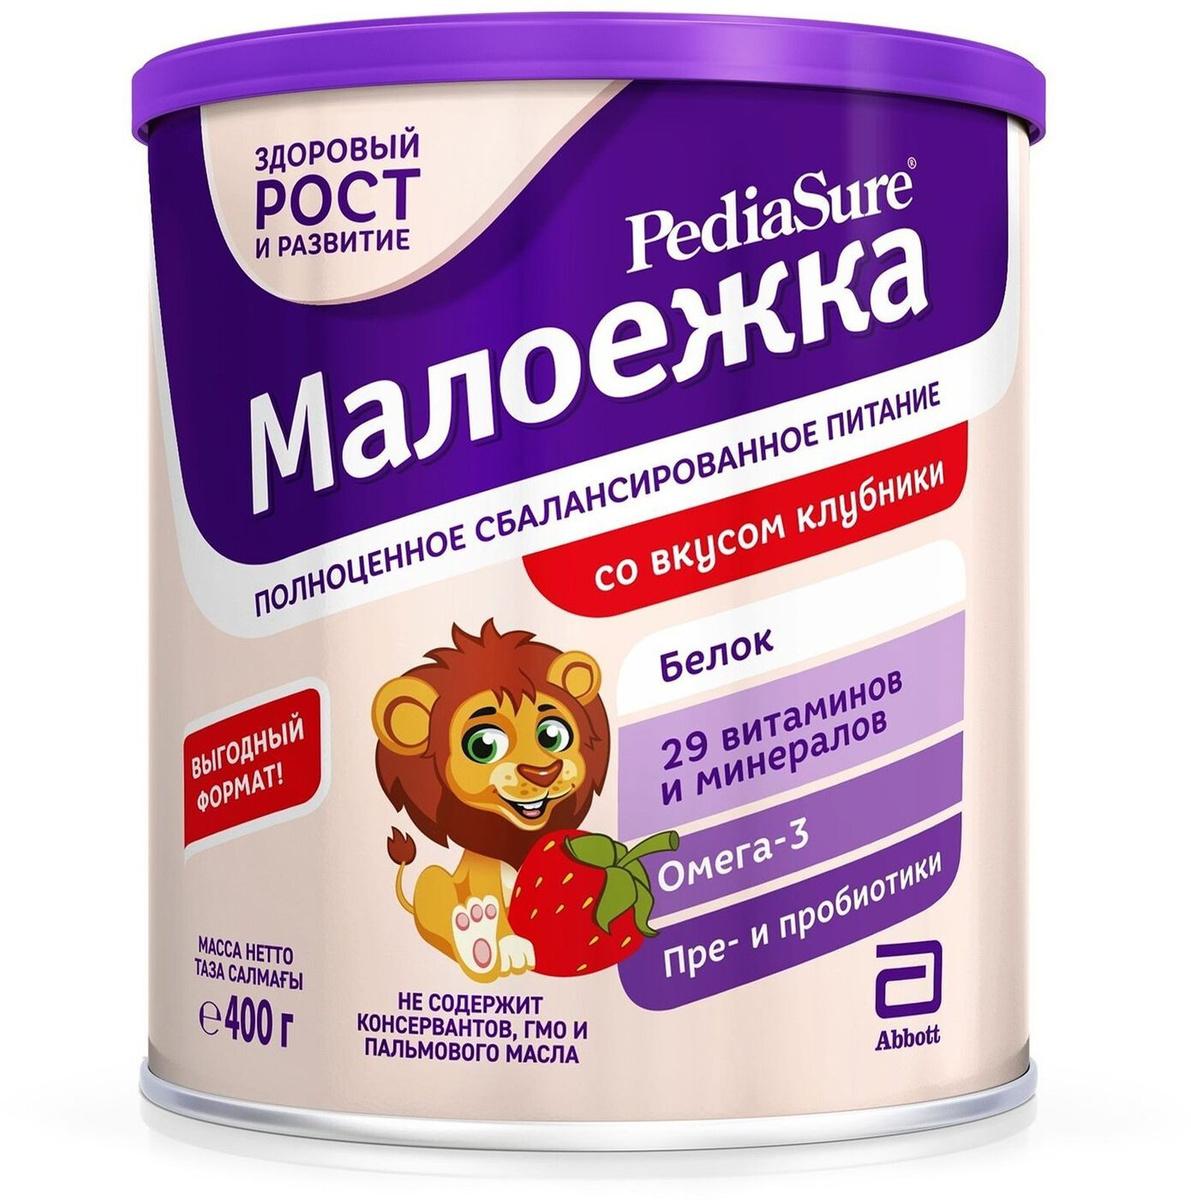 Сбалансированное питание для детей PediaSure Малоежка со вкусом клубники, 1-10 лет, 400 г  #1